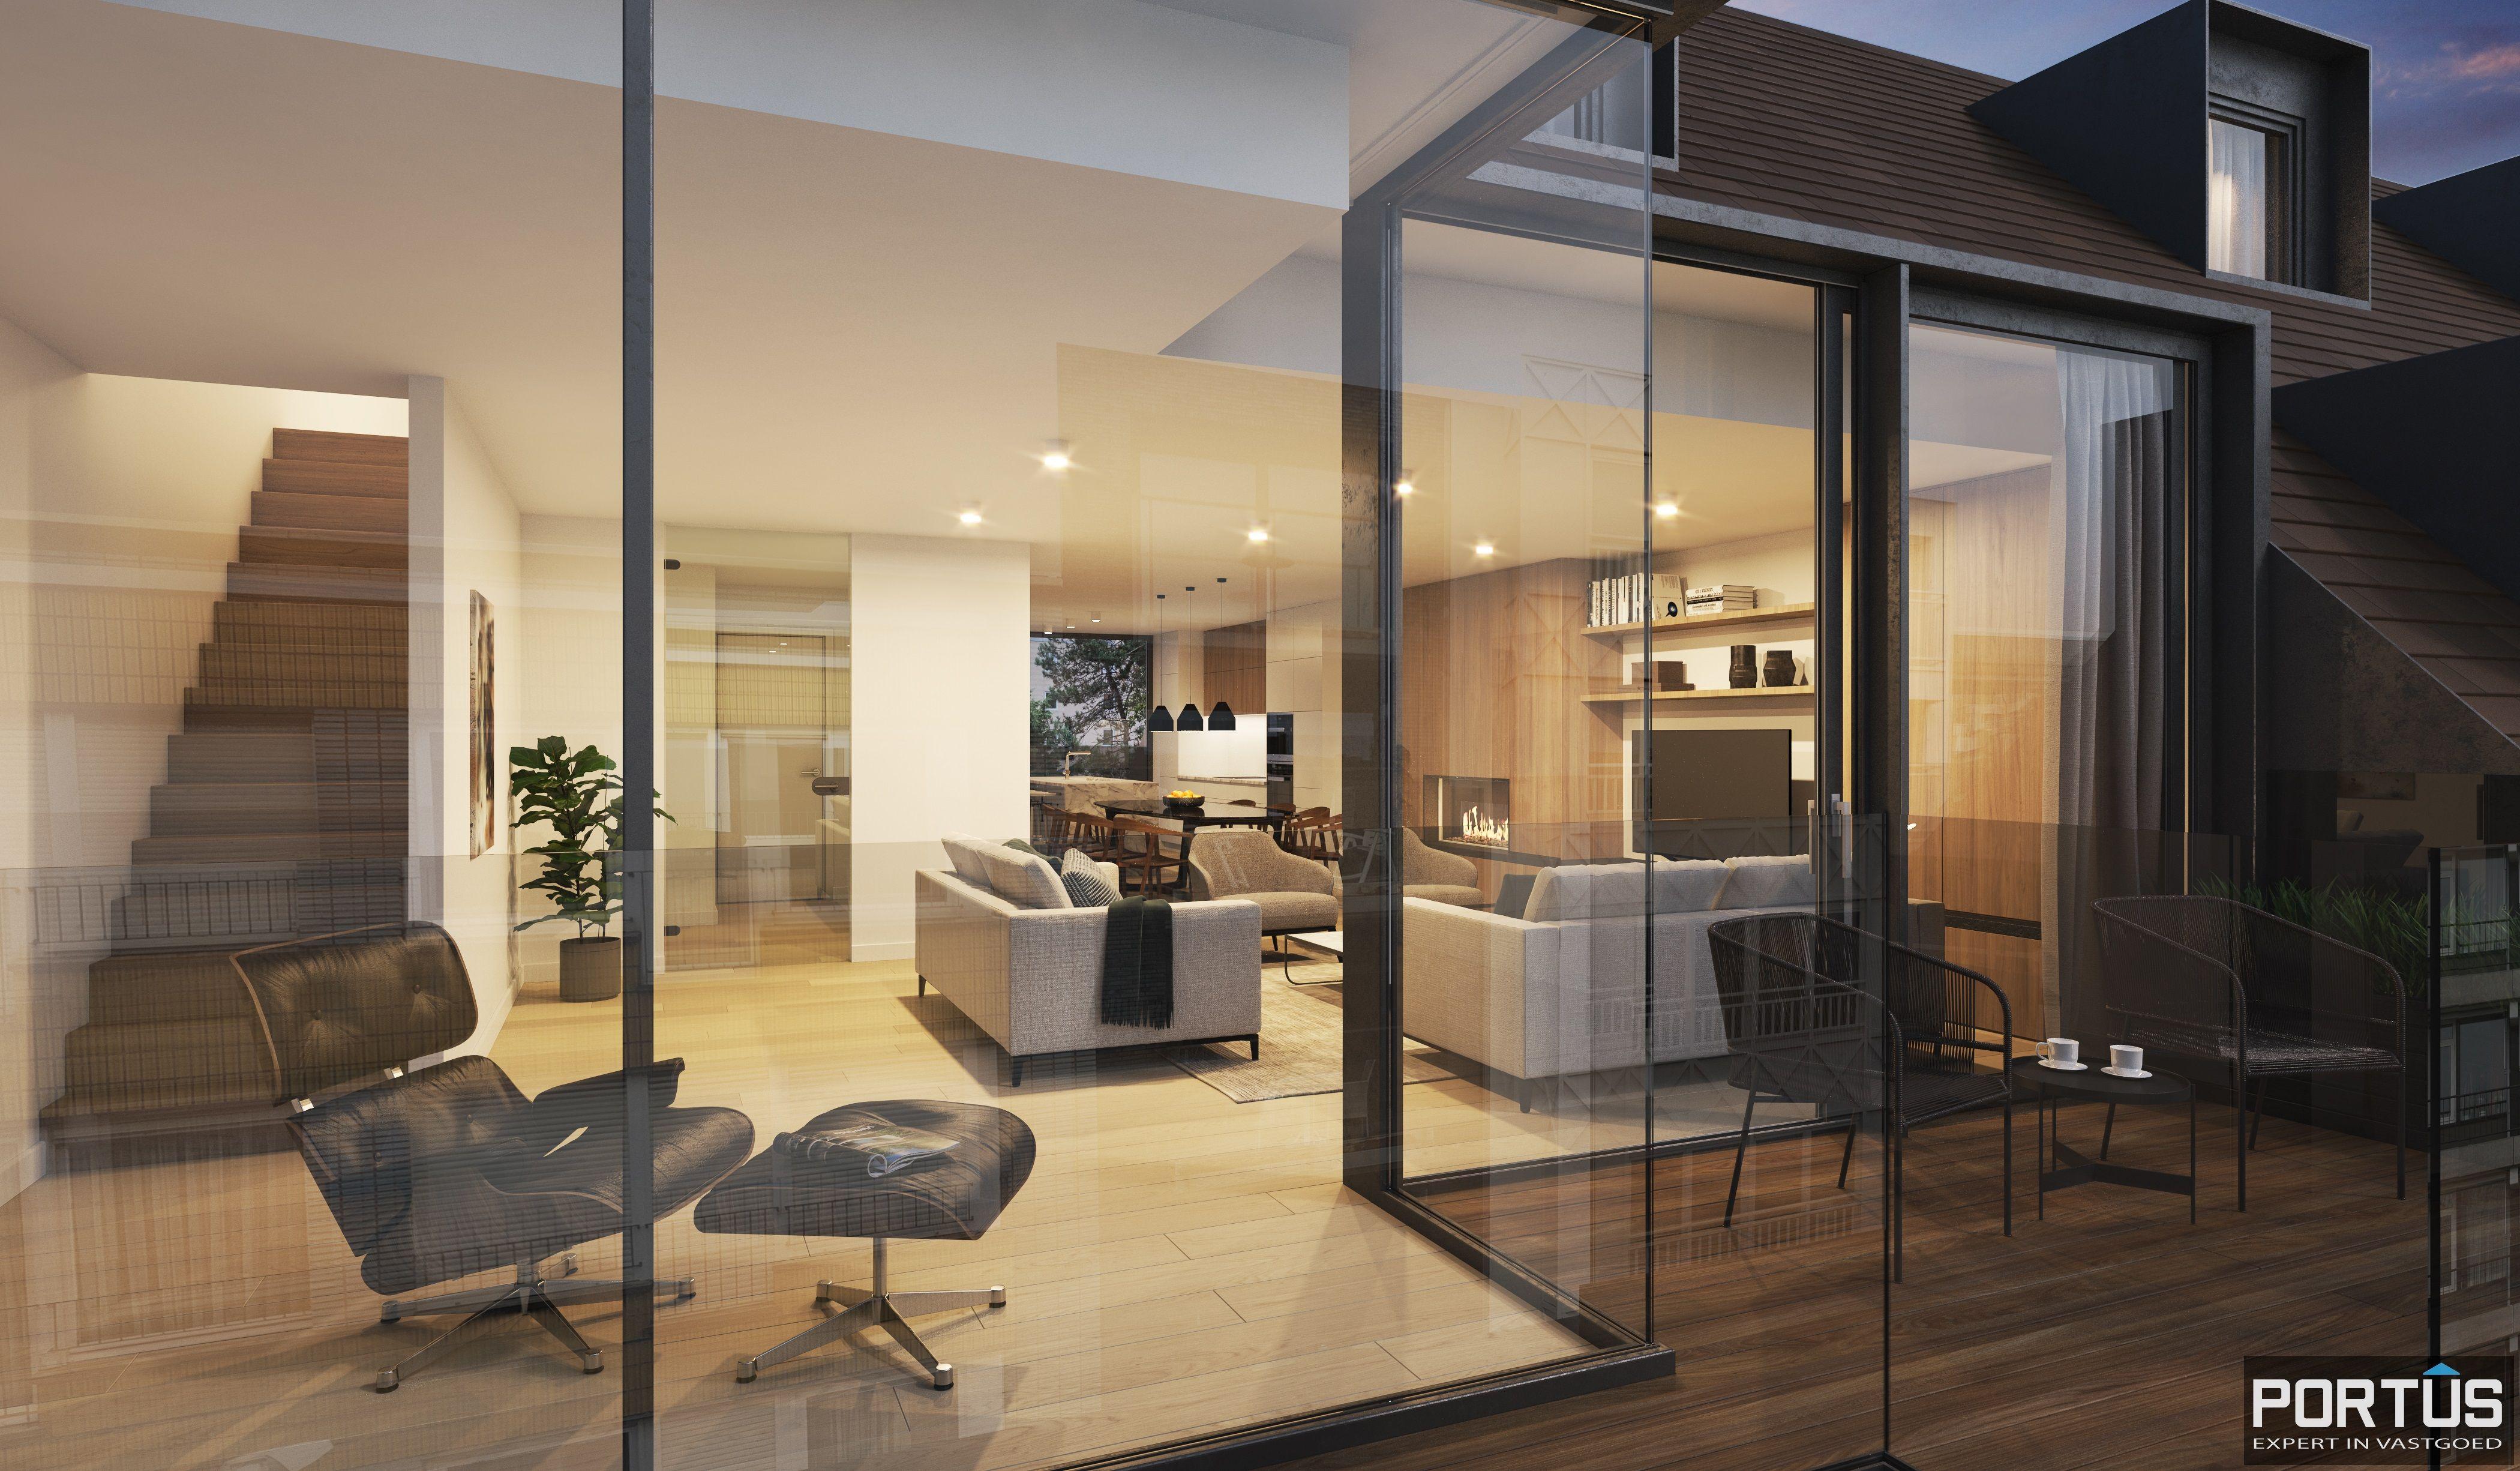 Duplex-appartement met 2 slaapkamers - 9024